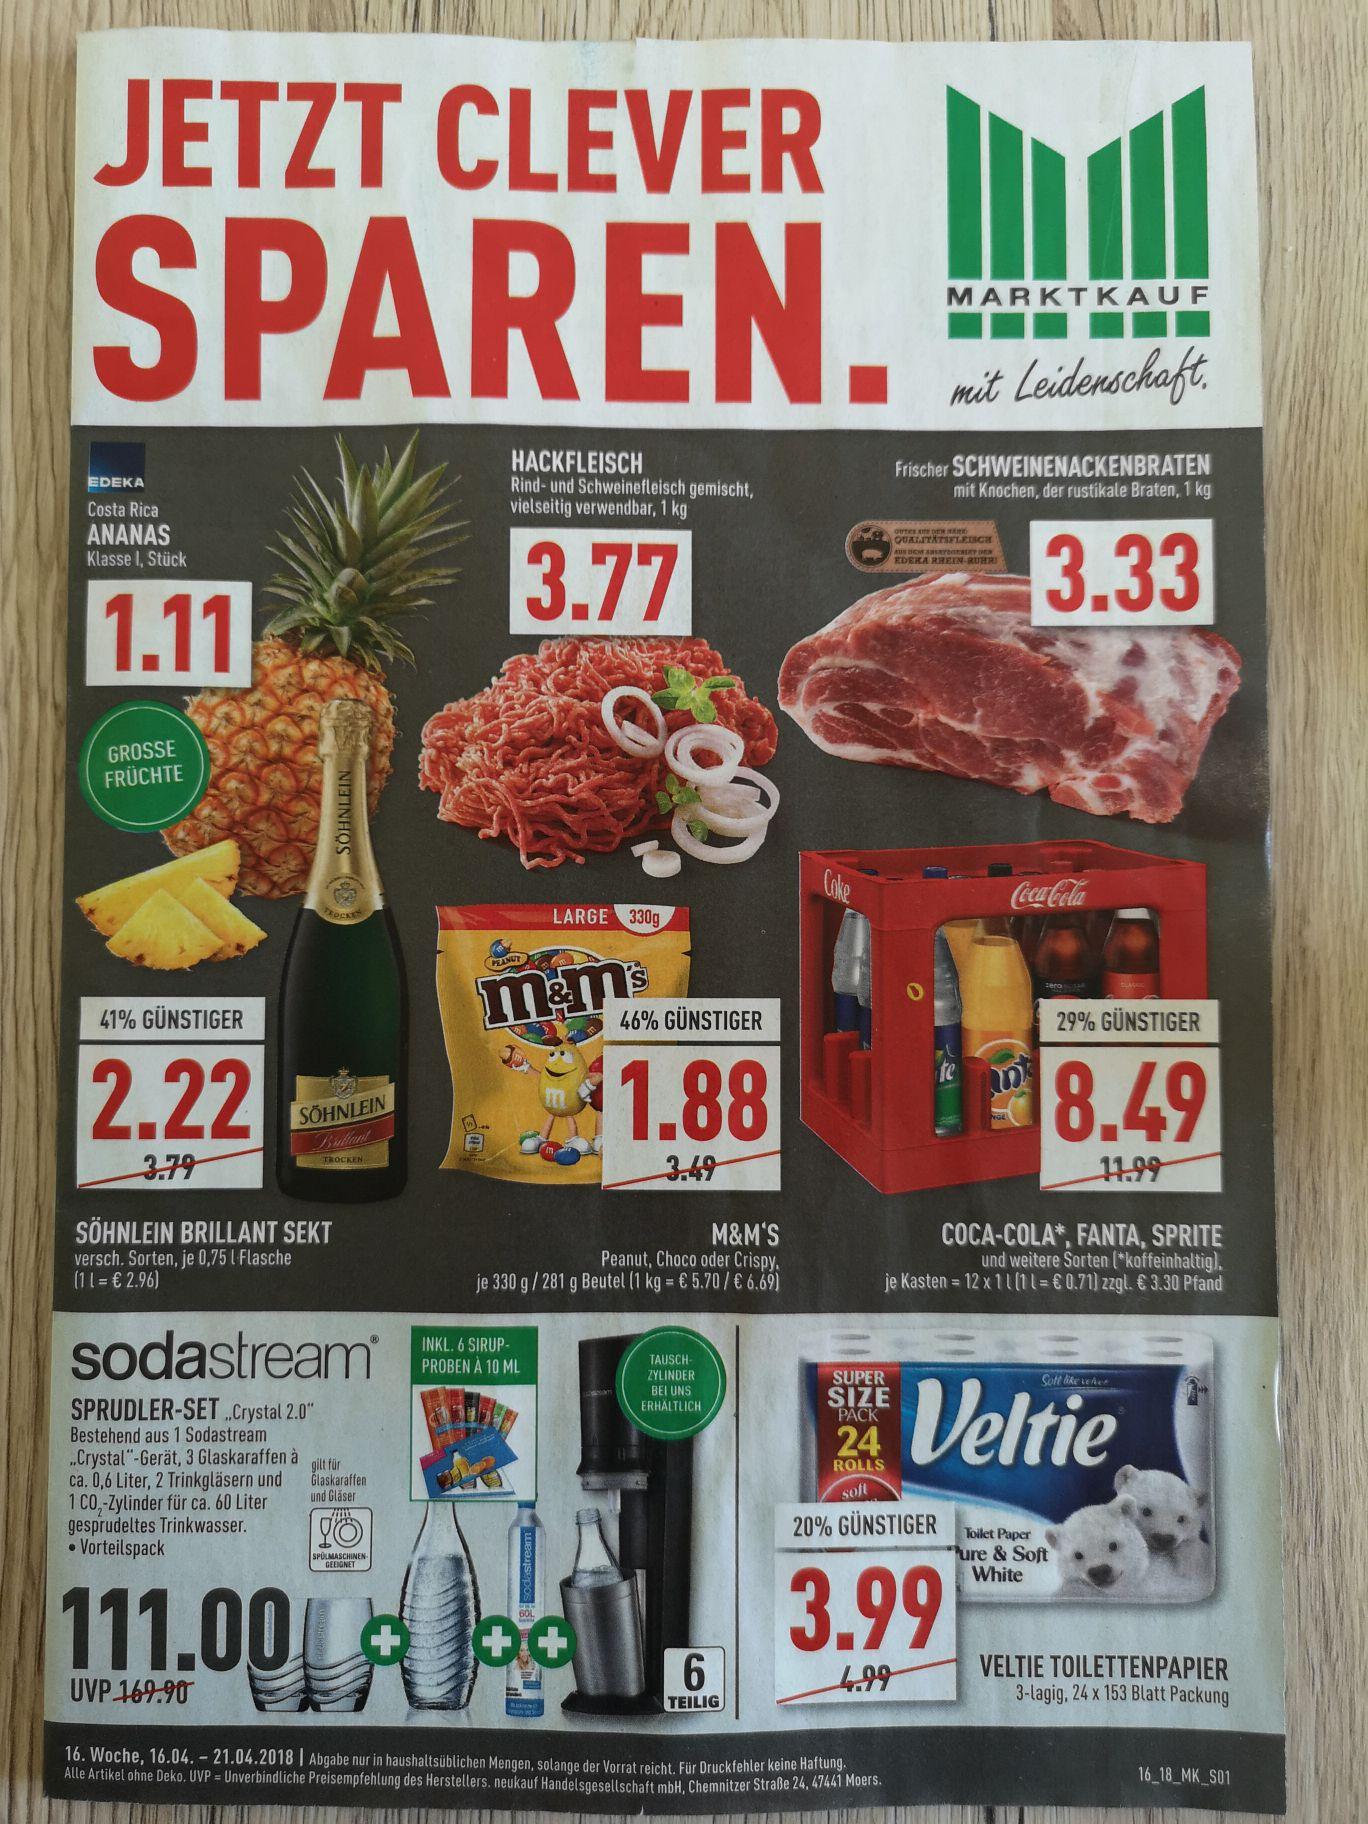 Marktkauf Münster- M&M's Peanut und weitere Sorten - 1kg ab 5,70€